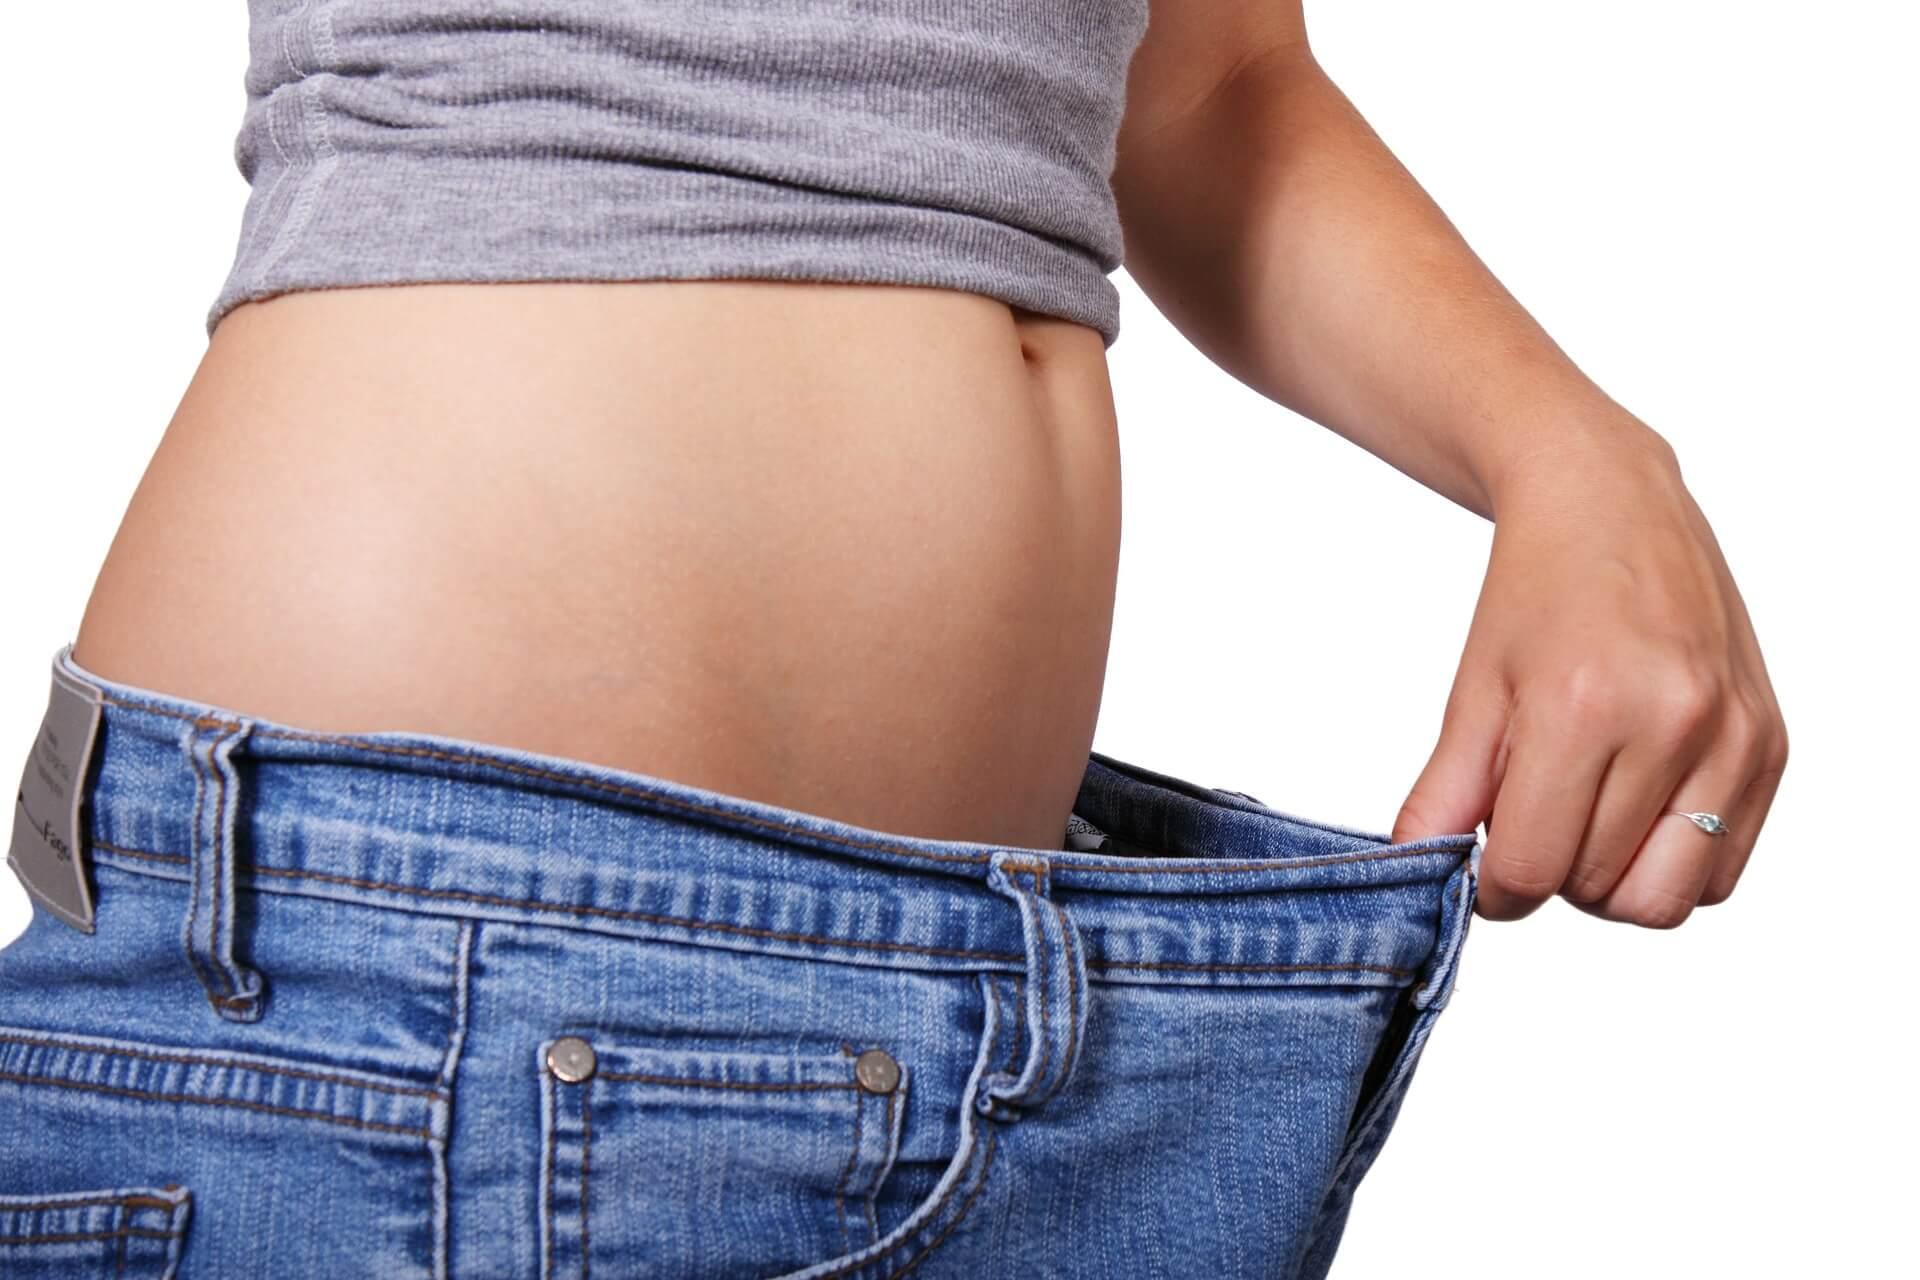 Tudo sobre cirurgia pós obesidade do contorno corporal